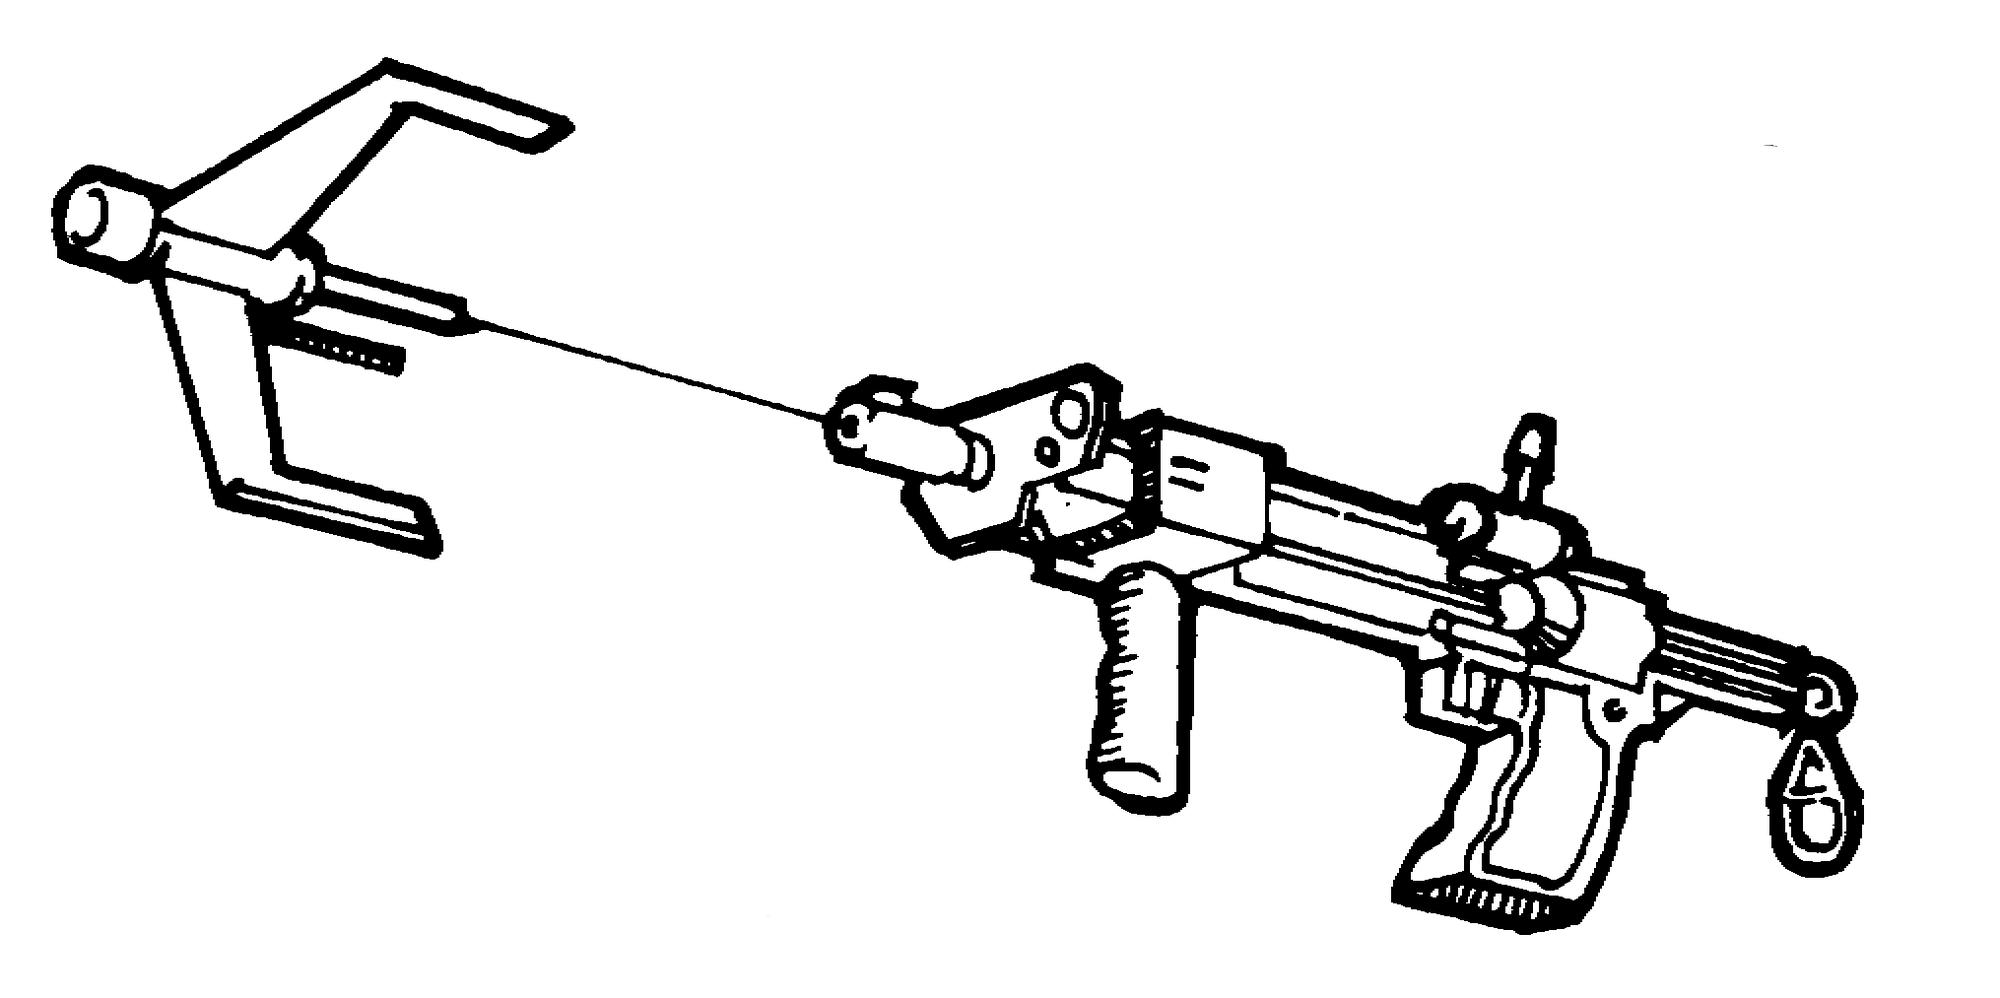 repulsor grappling gun